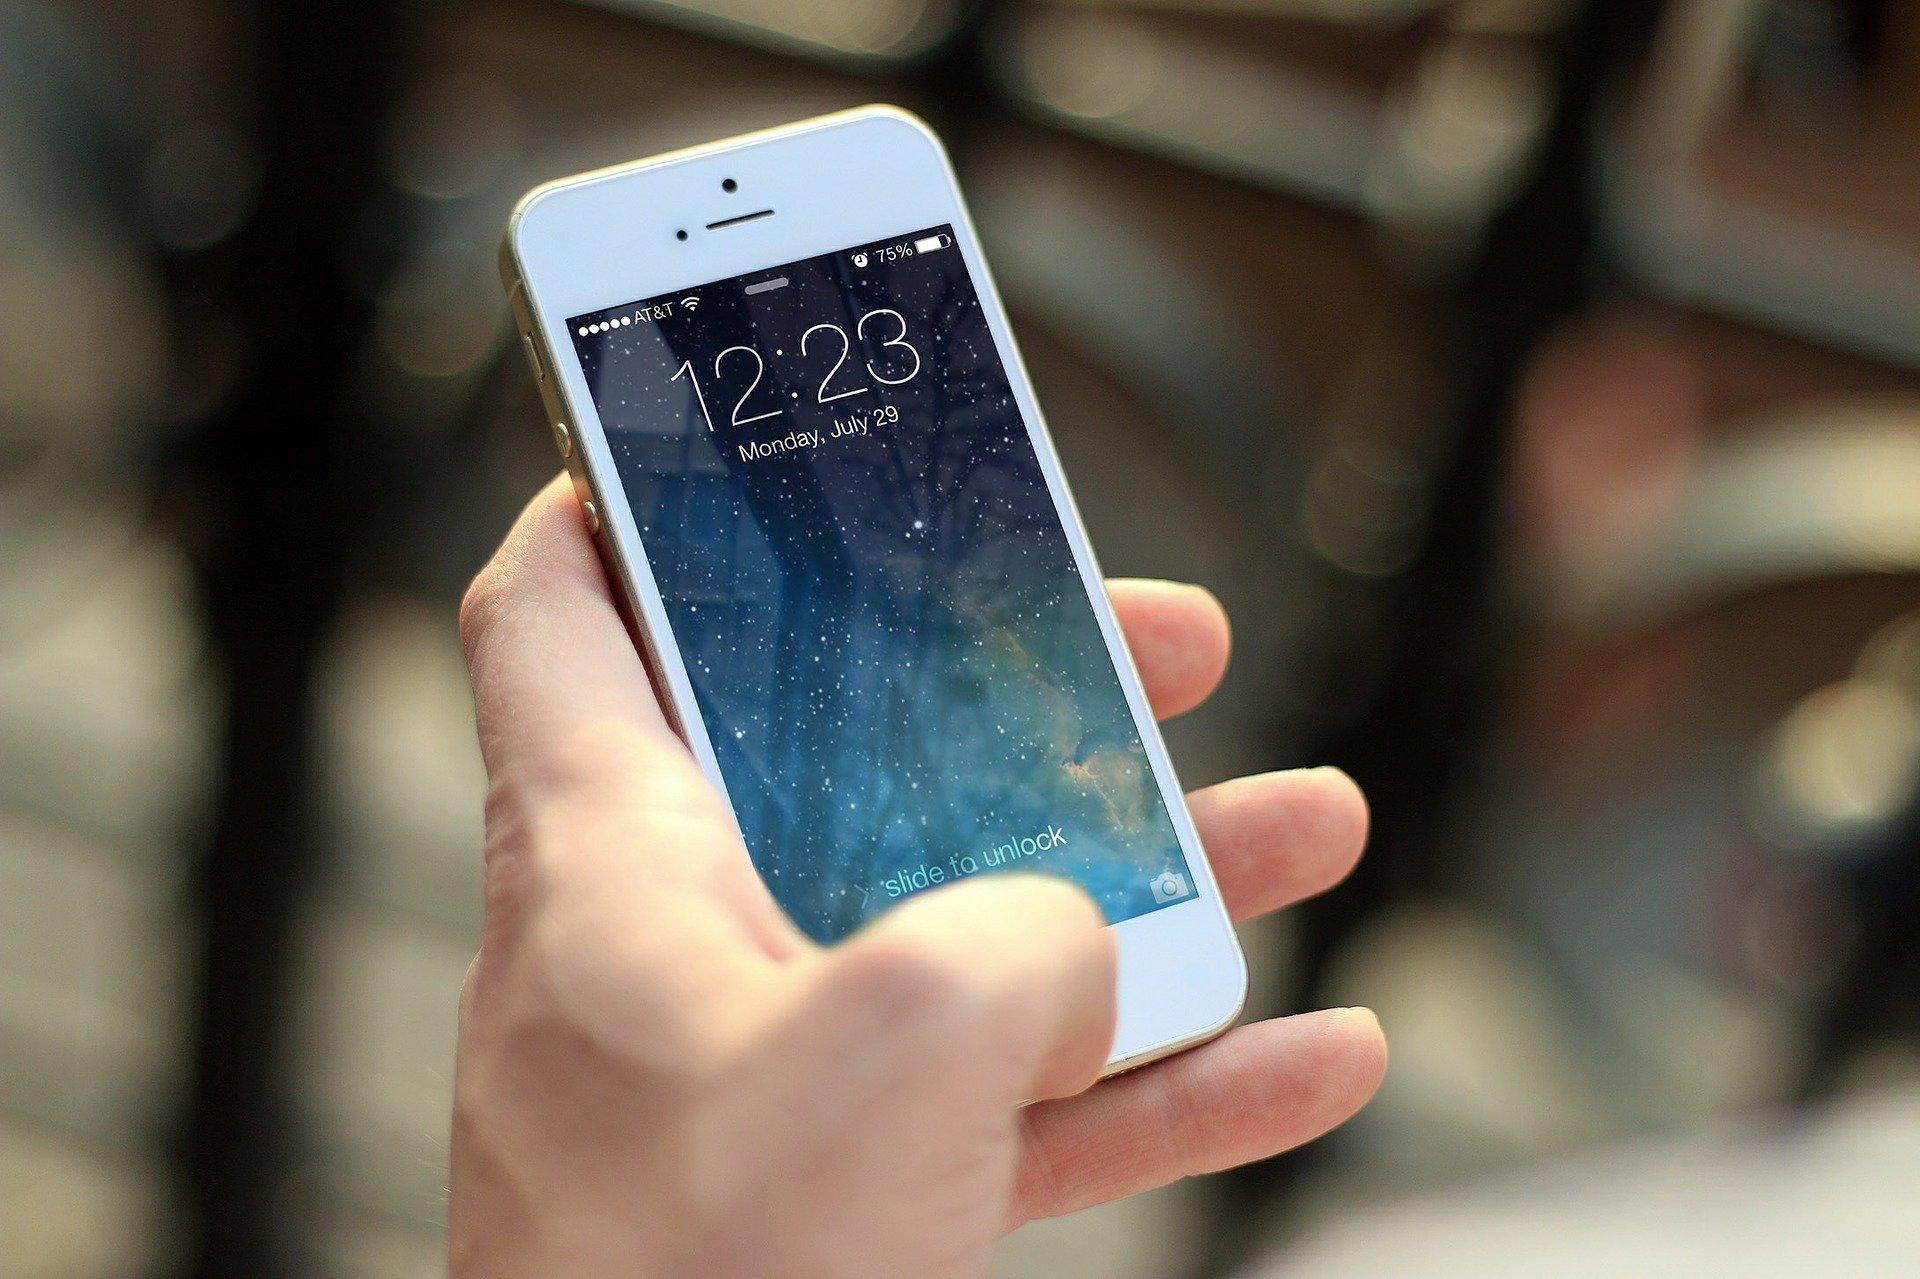 Uwaga na fałszywe sms-y!  - Zdjęcie główne